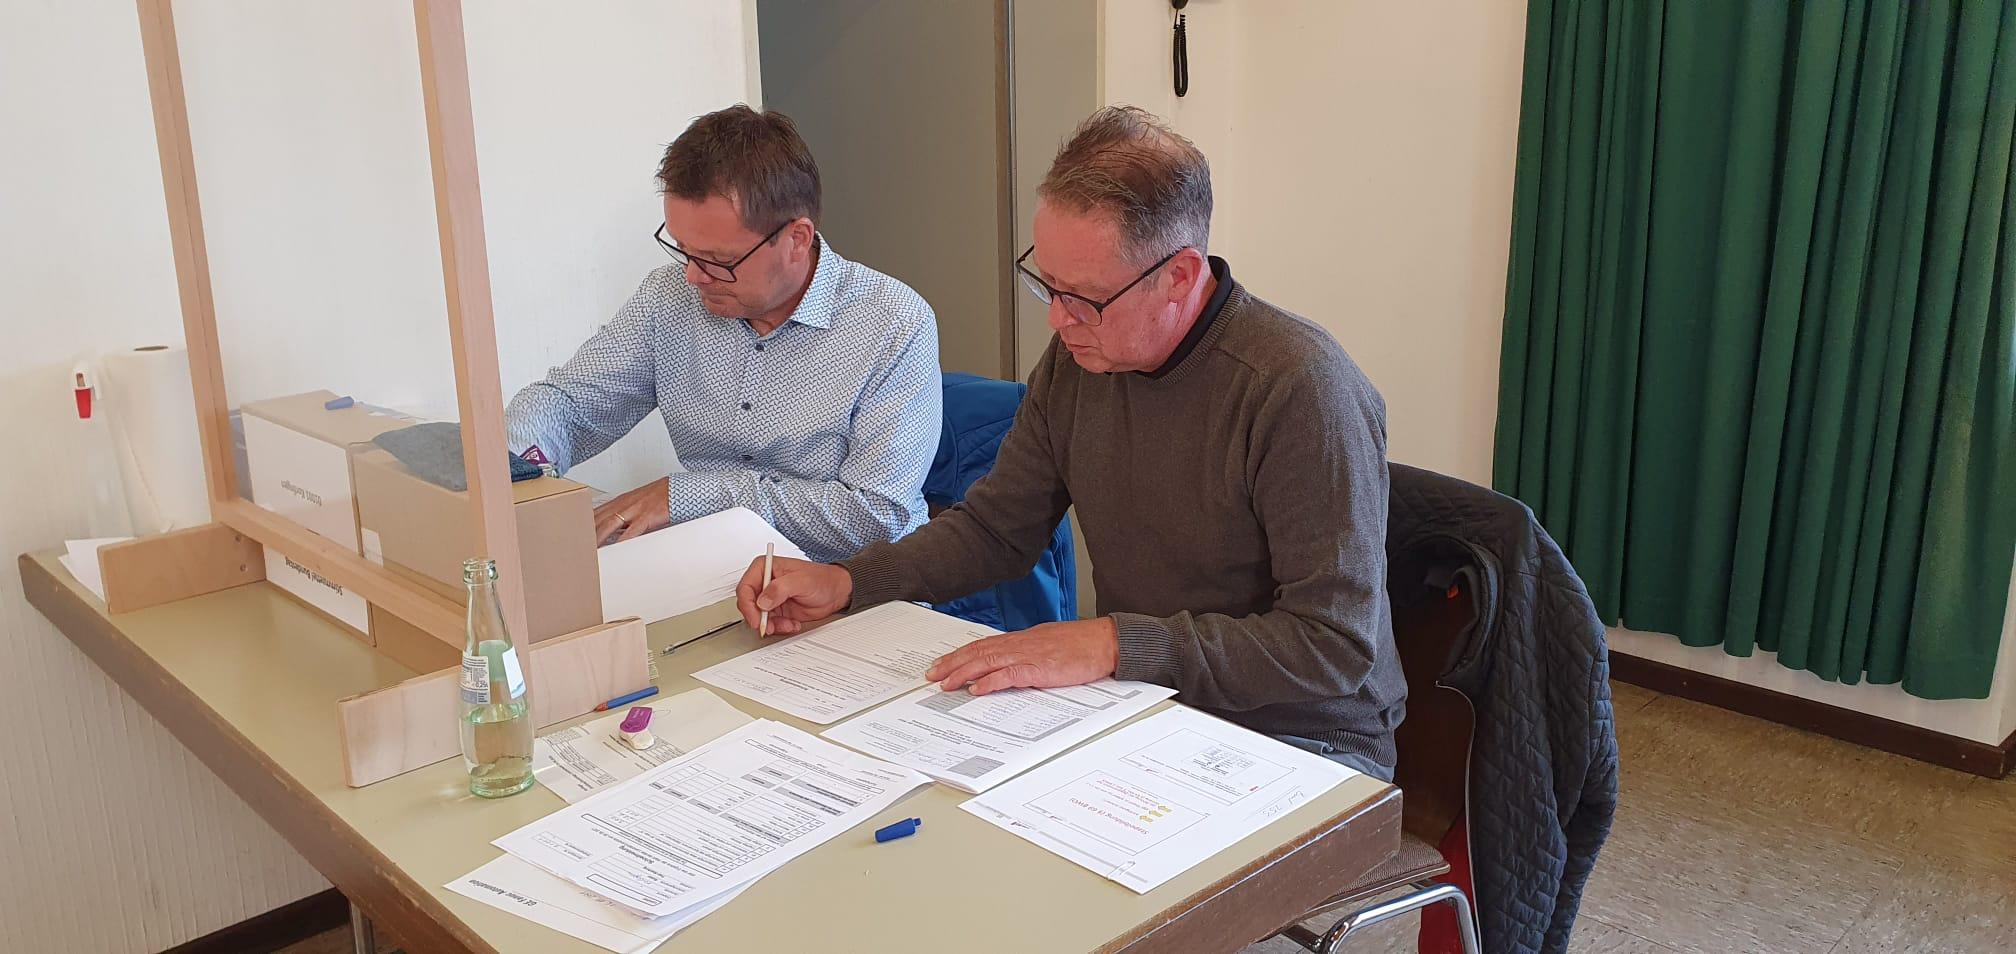 Unsere Schriftführer, Thomas Menden und Thomas Stelker